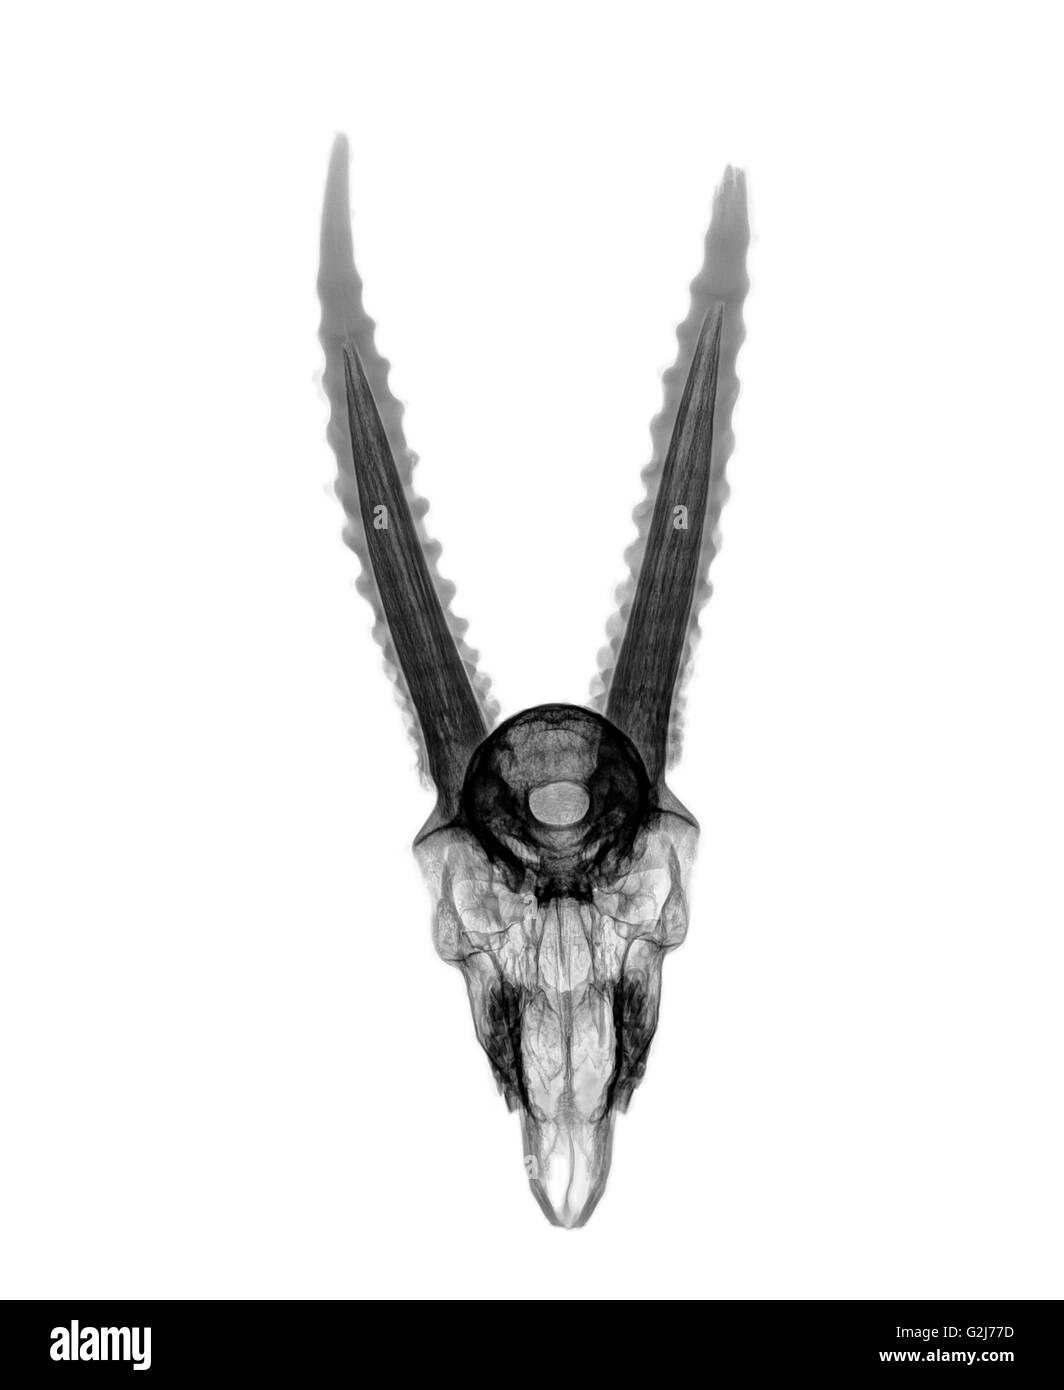 Vue supérieure de la radiographie d'un crâne d'une gazelle sur fond blanc